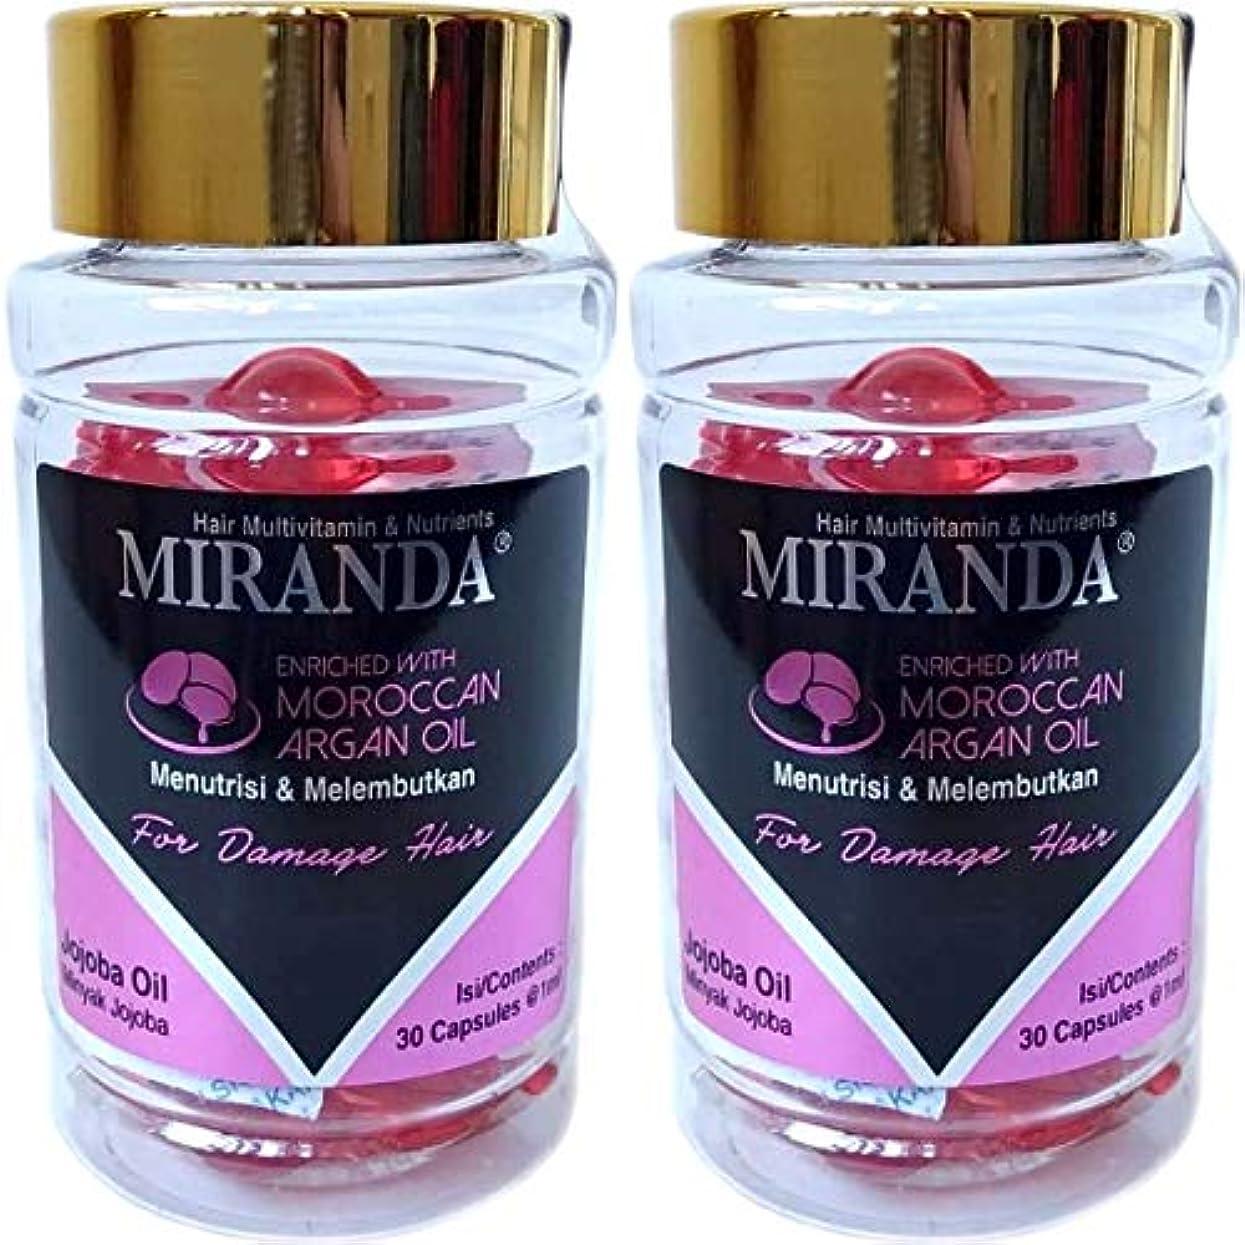 規定ようこそ通知MIRANDA ミランダ Hair Multivitamin&Nutrients ヘアマルチビタミン ニュートリエンツ 洗い流さないヘアトリートメント 30粒入ボトル×2個セット Jojoba oil ホホバオイル [海外直送品]